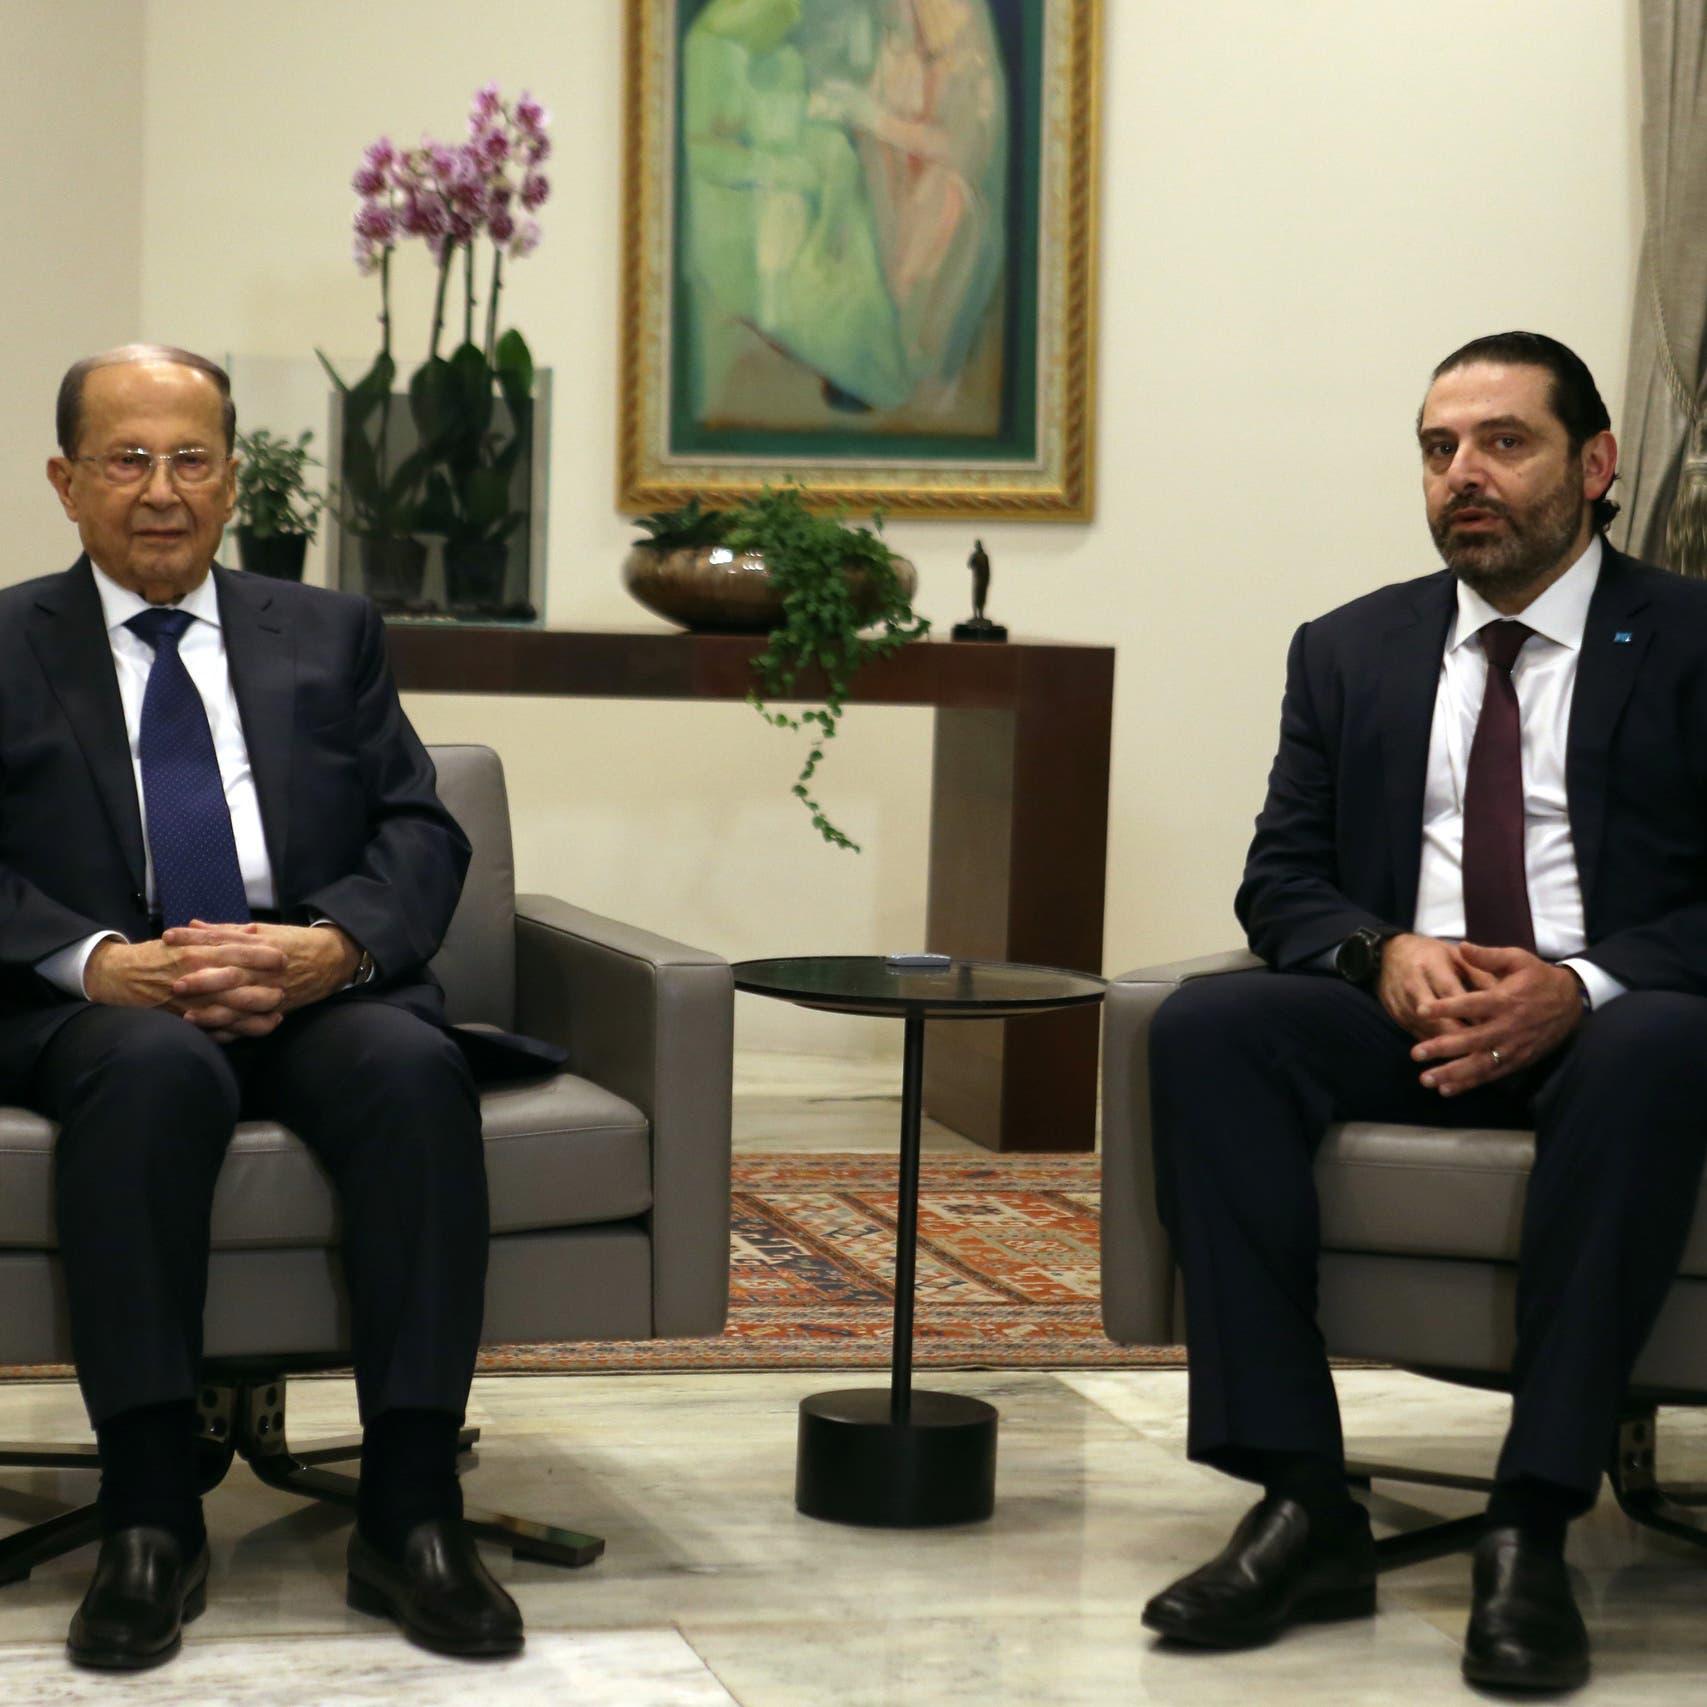 استعجال أممي لتسمية رئيس حكومة.. والحريري يلتقي عون